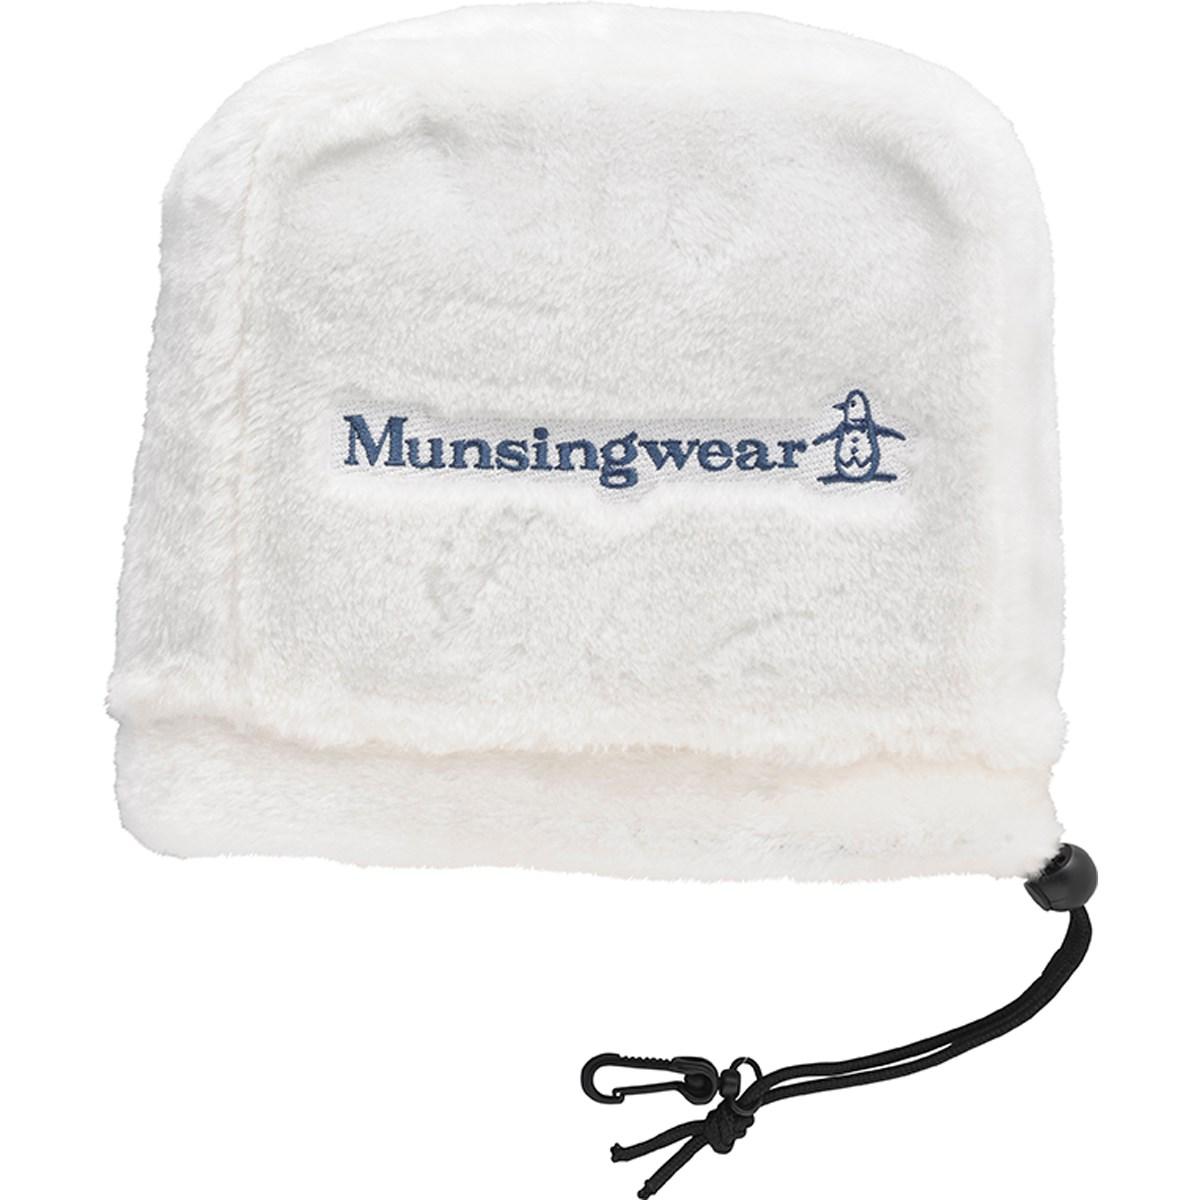 マンシングウェア Munsingwear アイアンカバー ホワイト 00